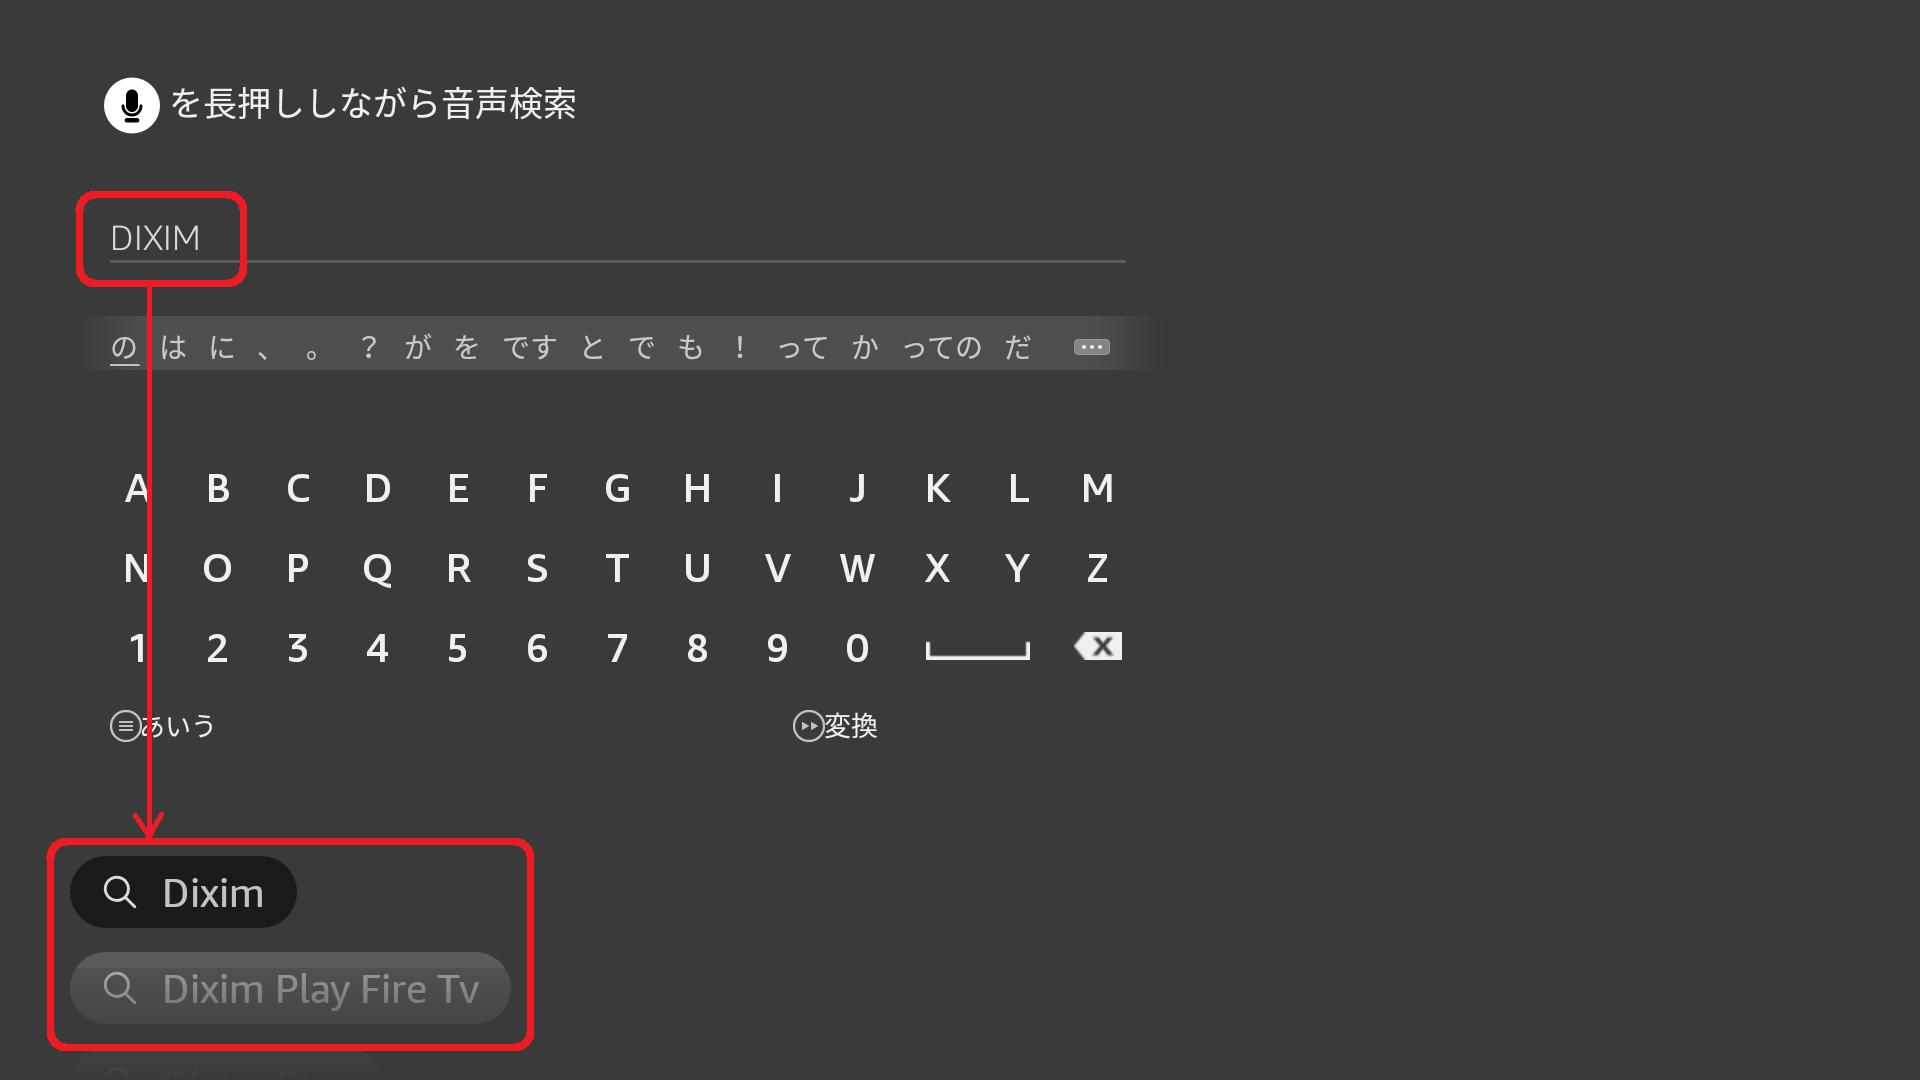 """2.検索欄に""""DIXIM""""と入力し、検索します。"""